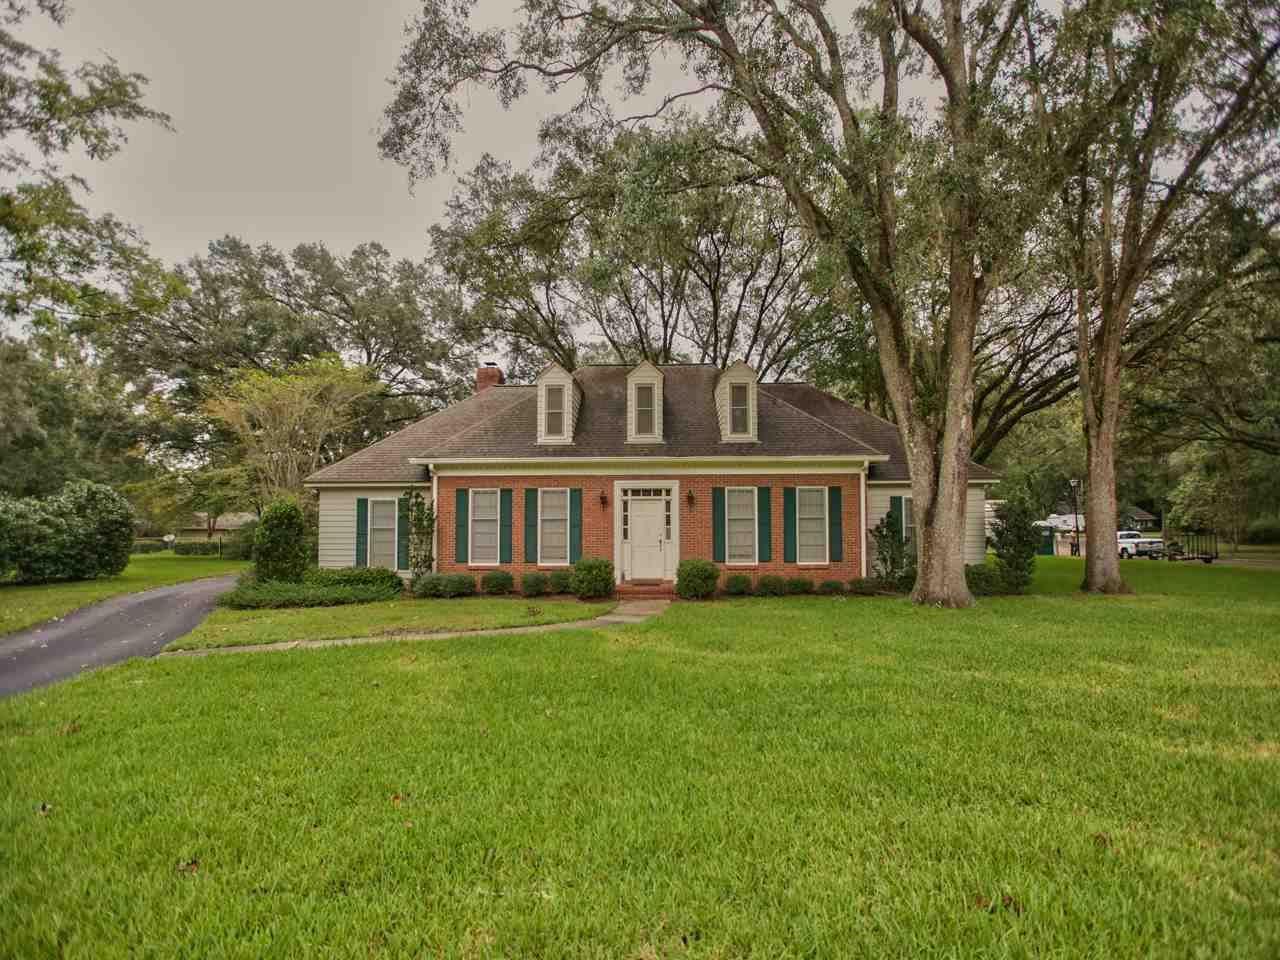 Photo of 2916 Foxcroft Drive, TALLAHASSEE, FL 32309 (MLS # 323864)